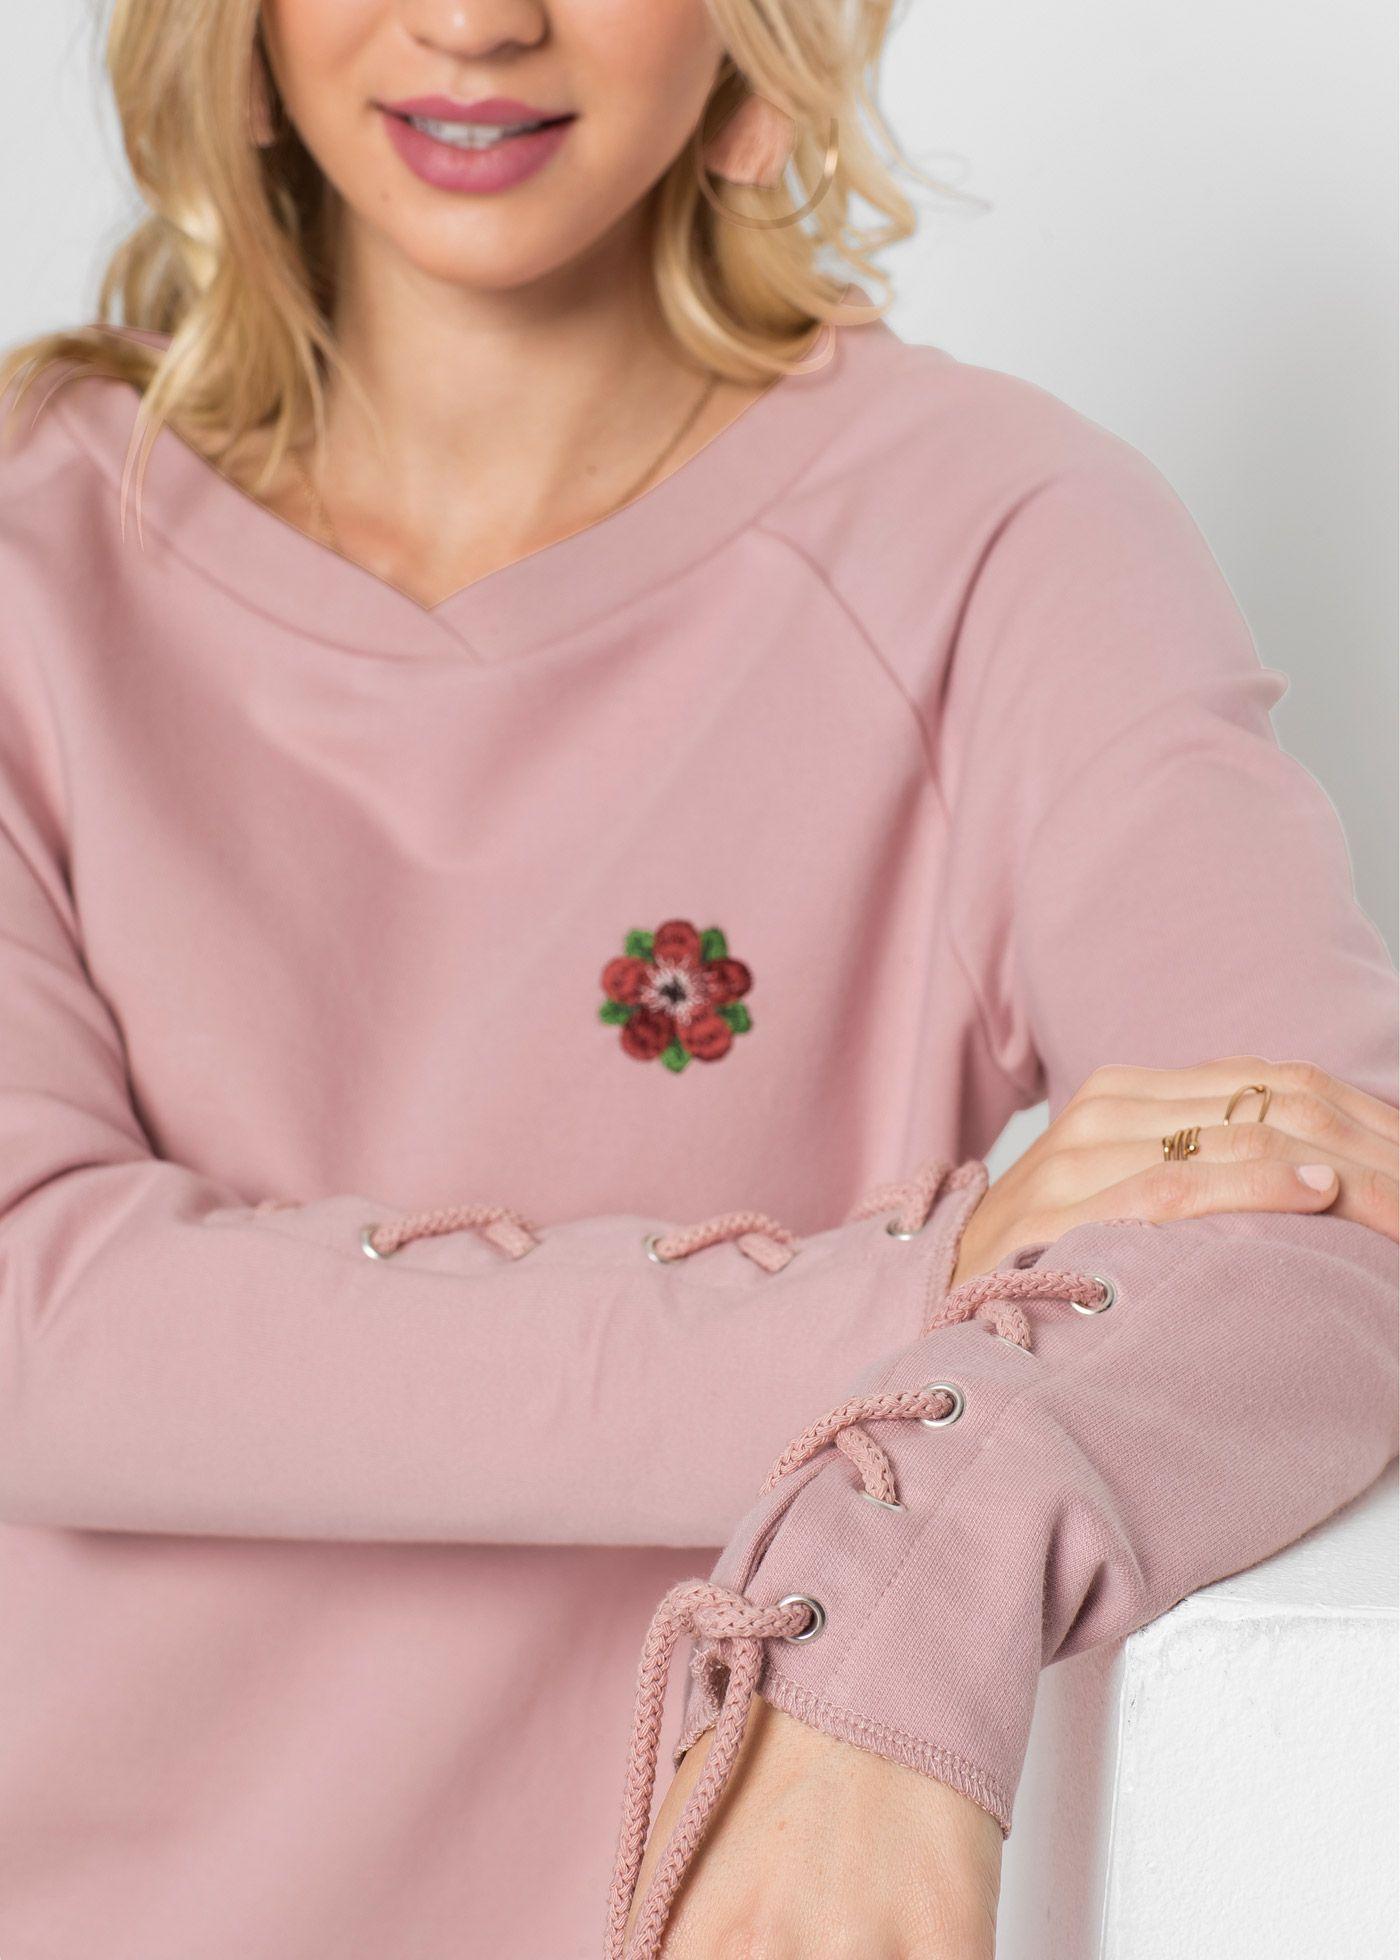 Sweatshirt Mit Schnurung Trendige Outfits Rundhalsausschnitt Und Blumen Stickerei